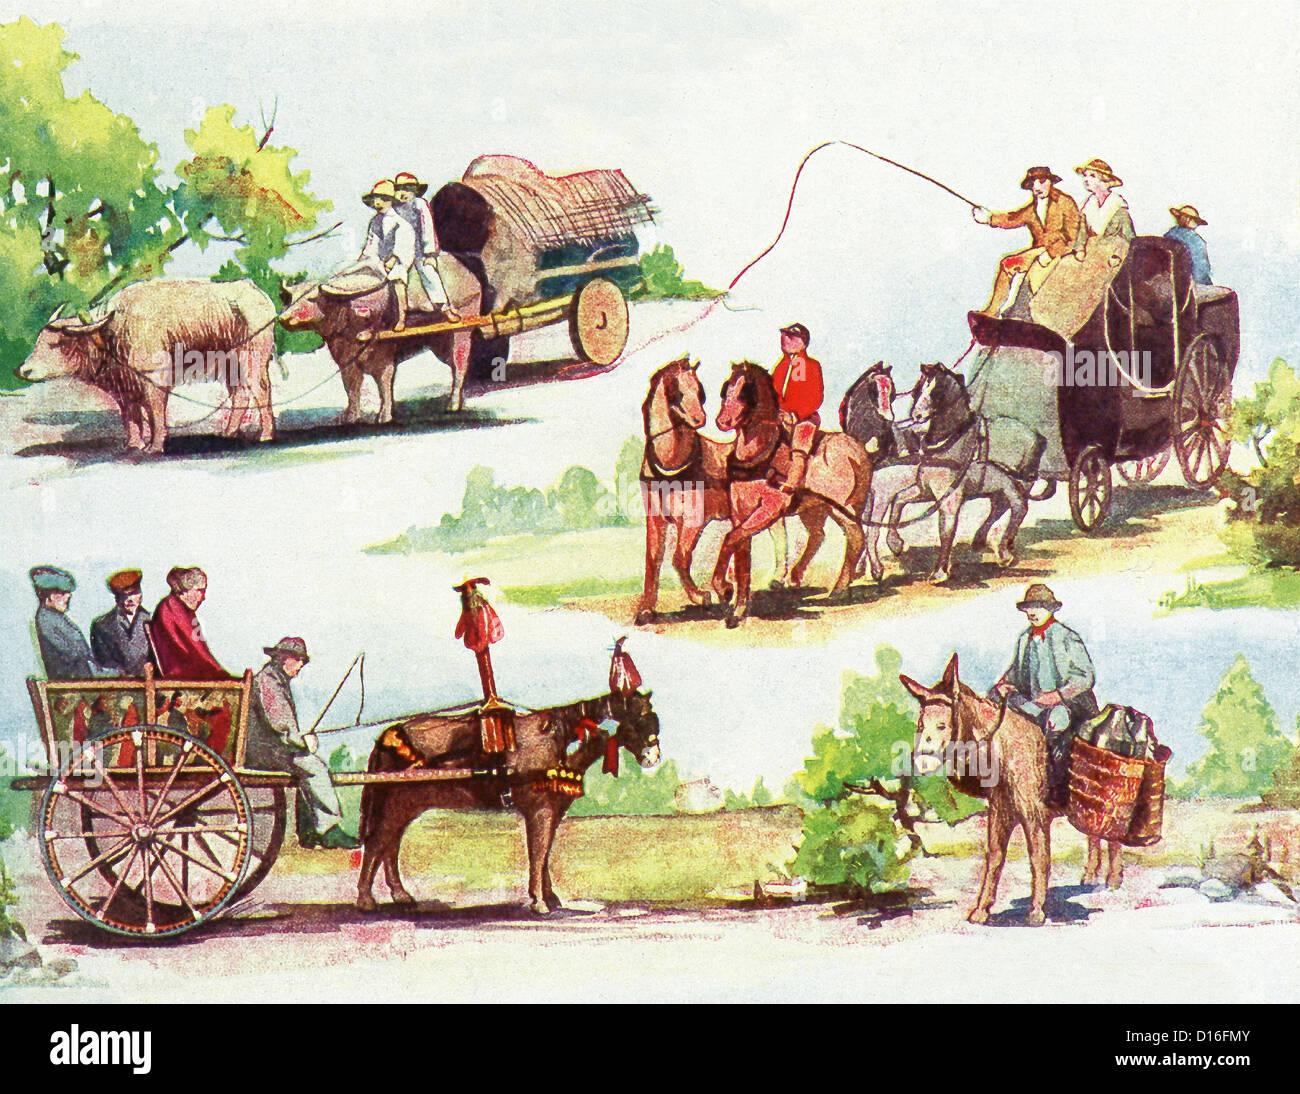 Modes de déplacement-Tagalog Philippines, en tandem, l'entraîneur Anglais, Espagnol charrette sicilienne et laitier. Banque D'Images